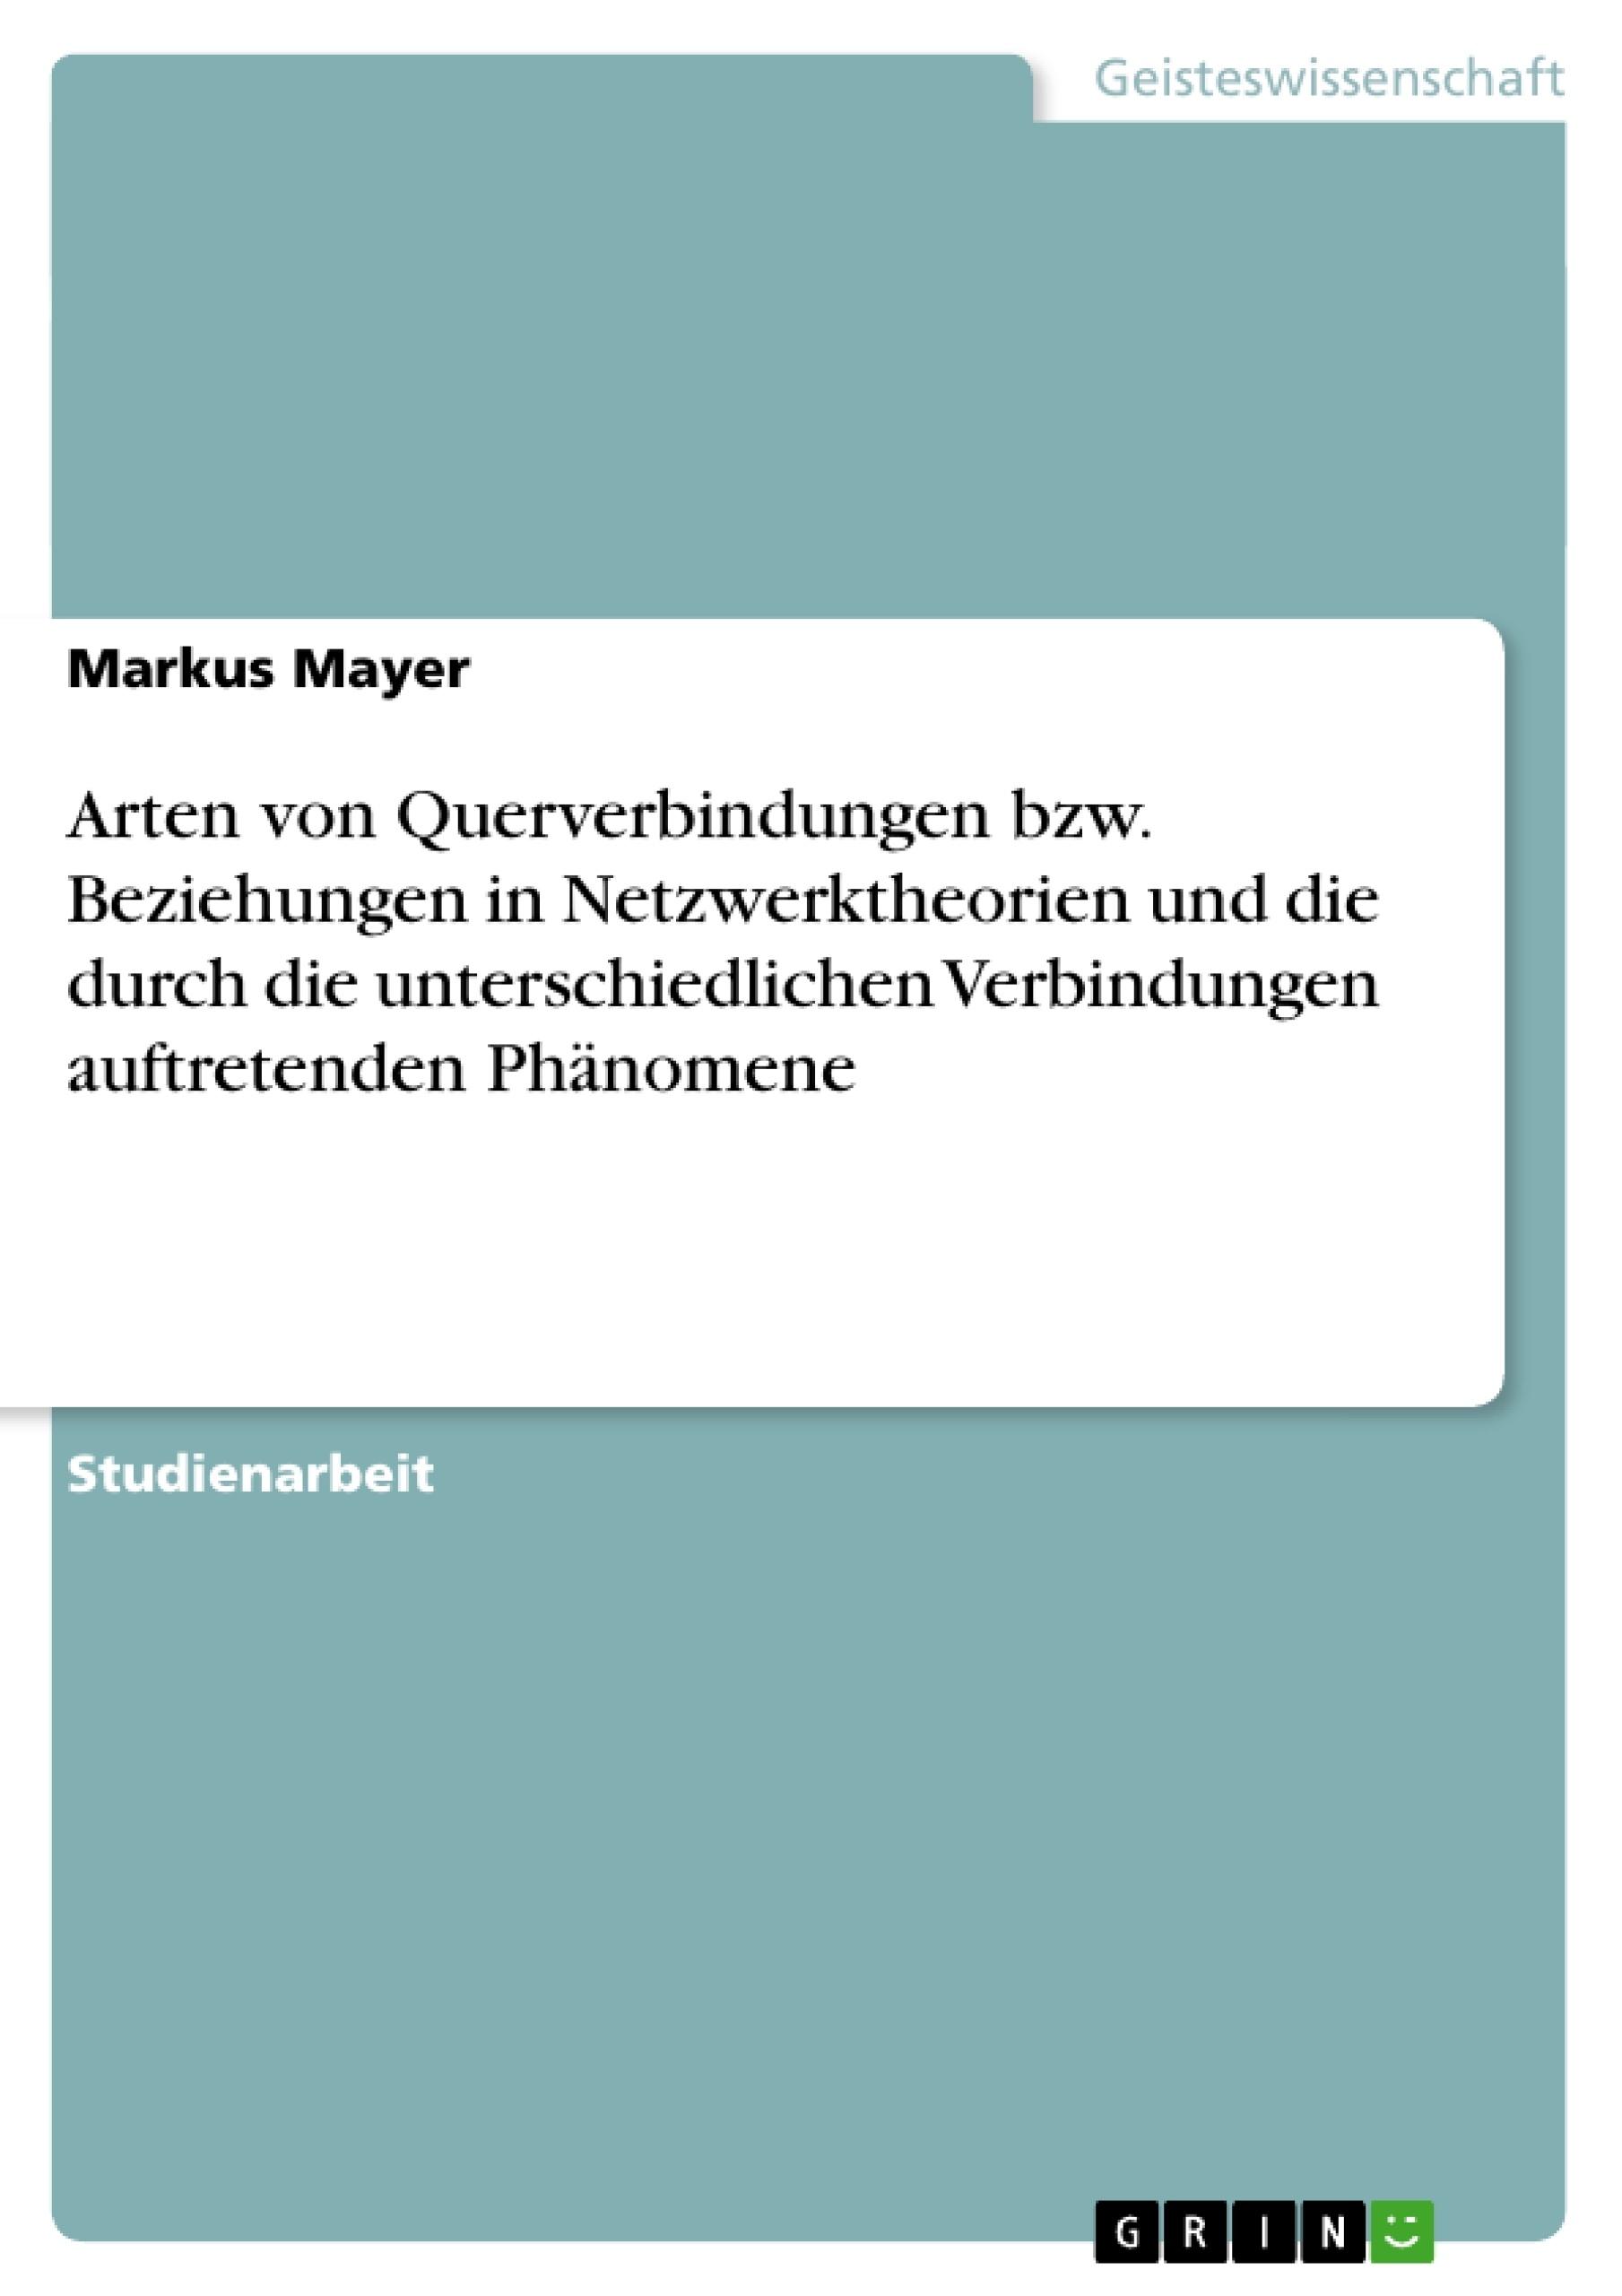 Titel: Arten von Querverbindungen bzw. Beziehungen in Netzwerktheorien und die durch die unterschiedlichen Verbindungen auftretenden Phänomene